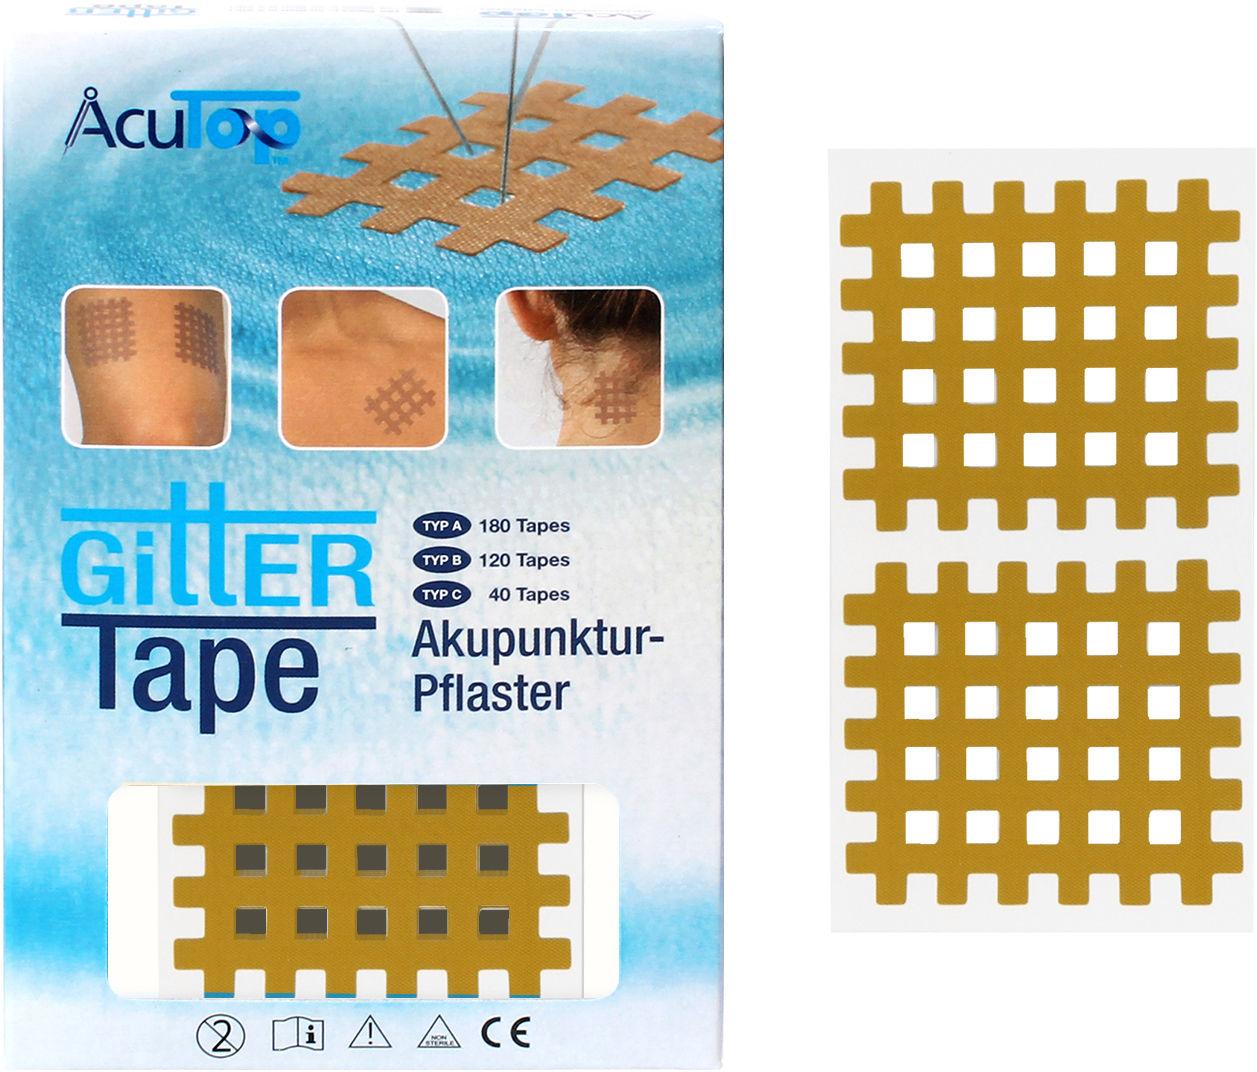 PrzeciwBÓLOWE plastry krzyżykowe na punkty spustowe Typ C - 40 tapes (Cross C ACT)